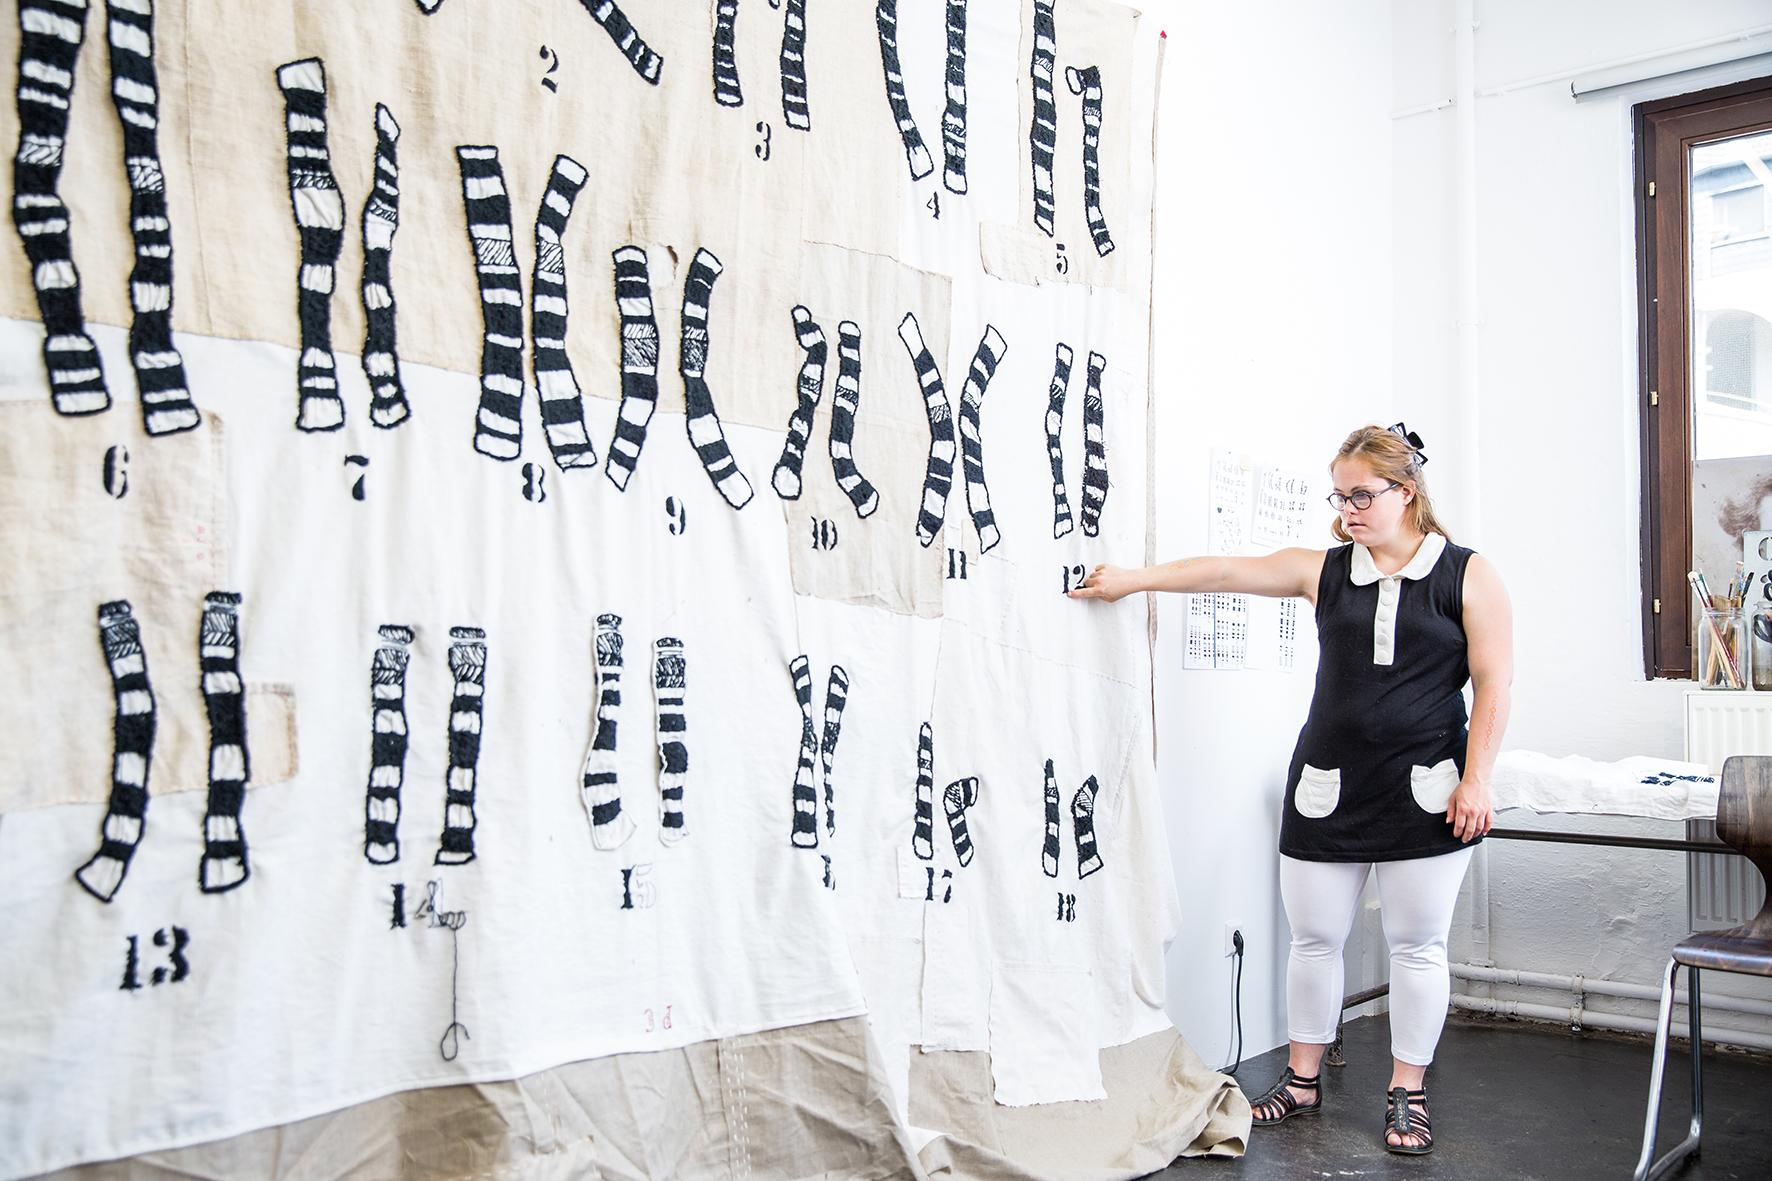 Eine Frau mit Down-Syndrom steht vor ihrem selbst genähten Wandteppich mit aufgenähten Chromosomen. Sie hat blonde lange Haare, trägt eine schwarze Brille, eine schwarz-weißes Bluse mit weißem Kragen und ohne Ärmel, eine weiße Hose und schwarze Sandalen. Auch die Chromosomen auf dem Teppich sind in den Farben schwarz und weiß.